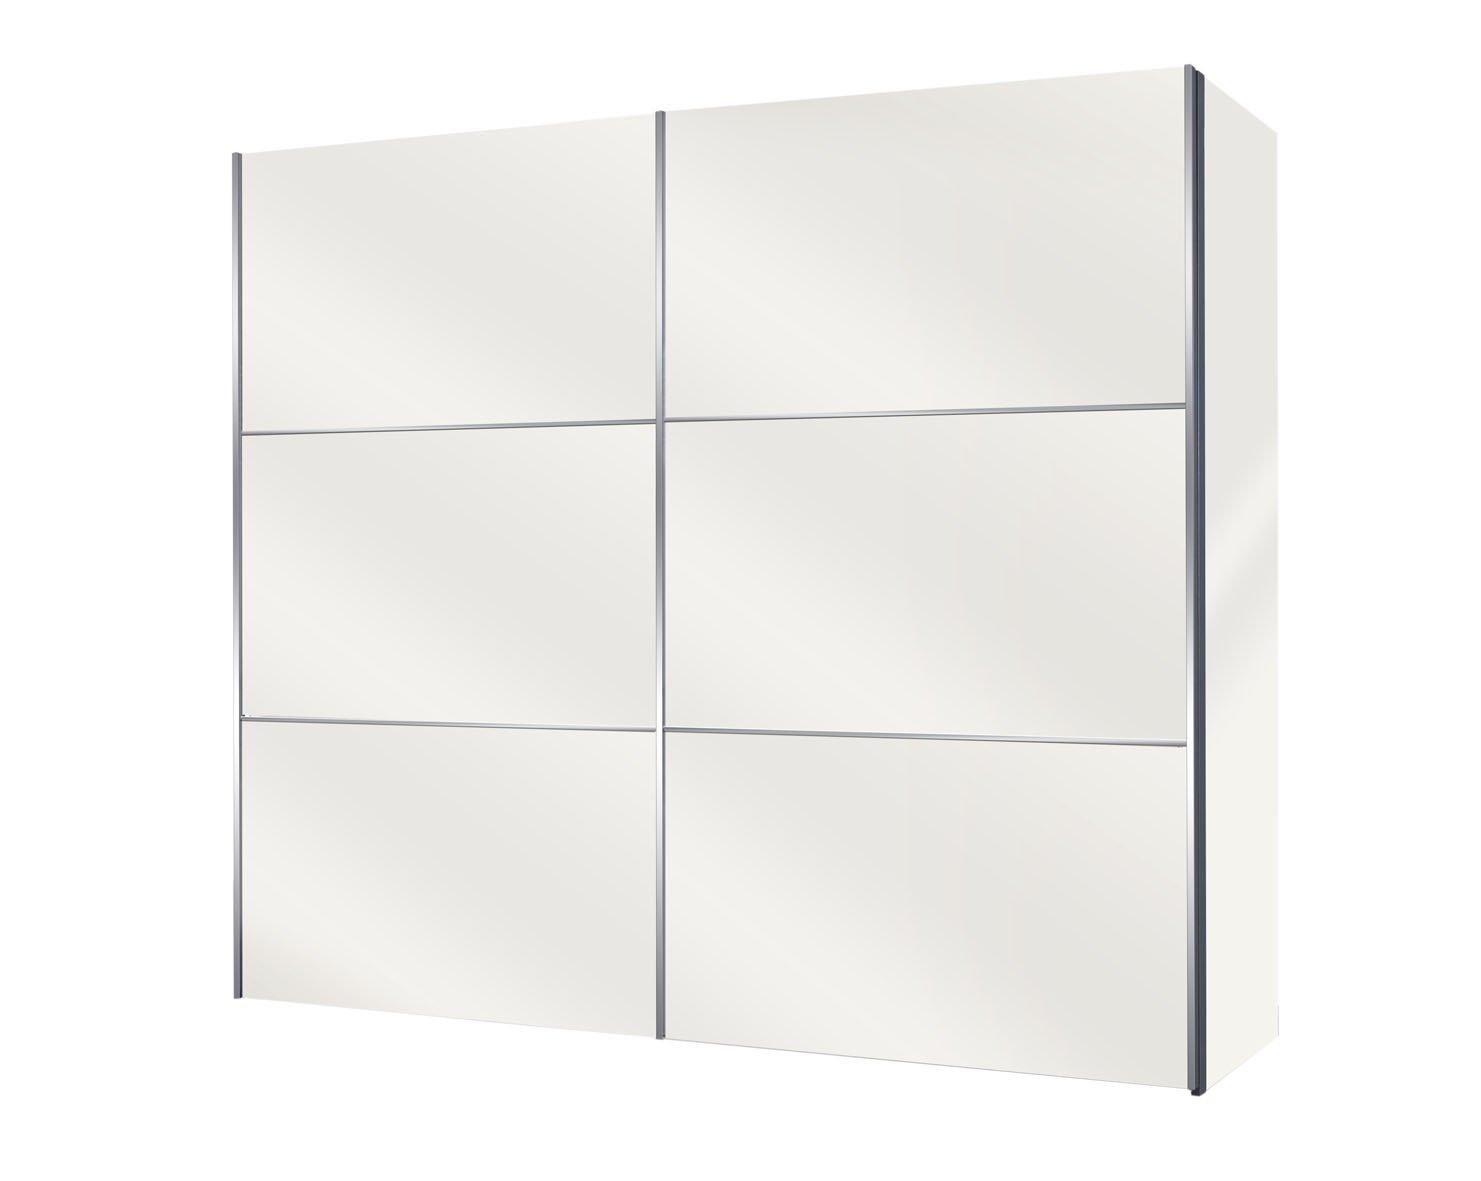 Solutions 46250195 Schwebetürenschrank 250 x 216 x 68 cm / weiß  Kundenbewertung und Beschreibung